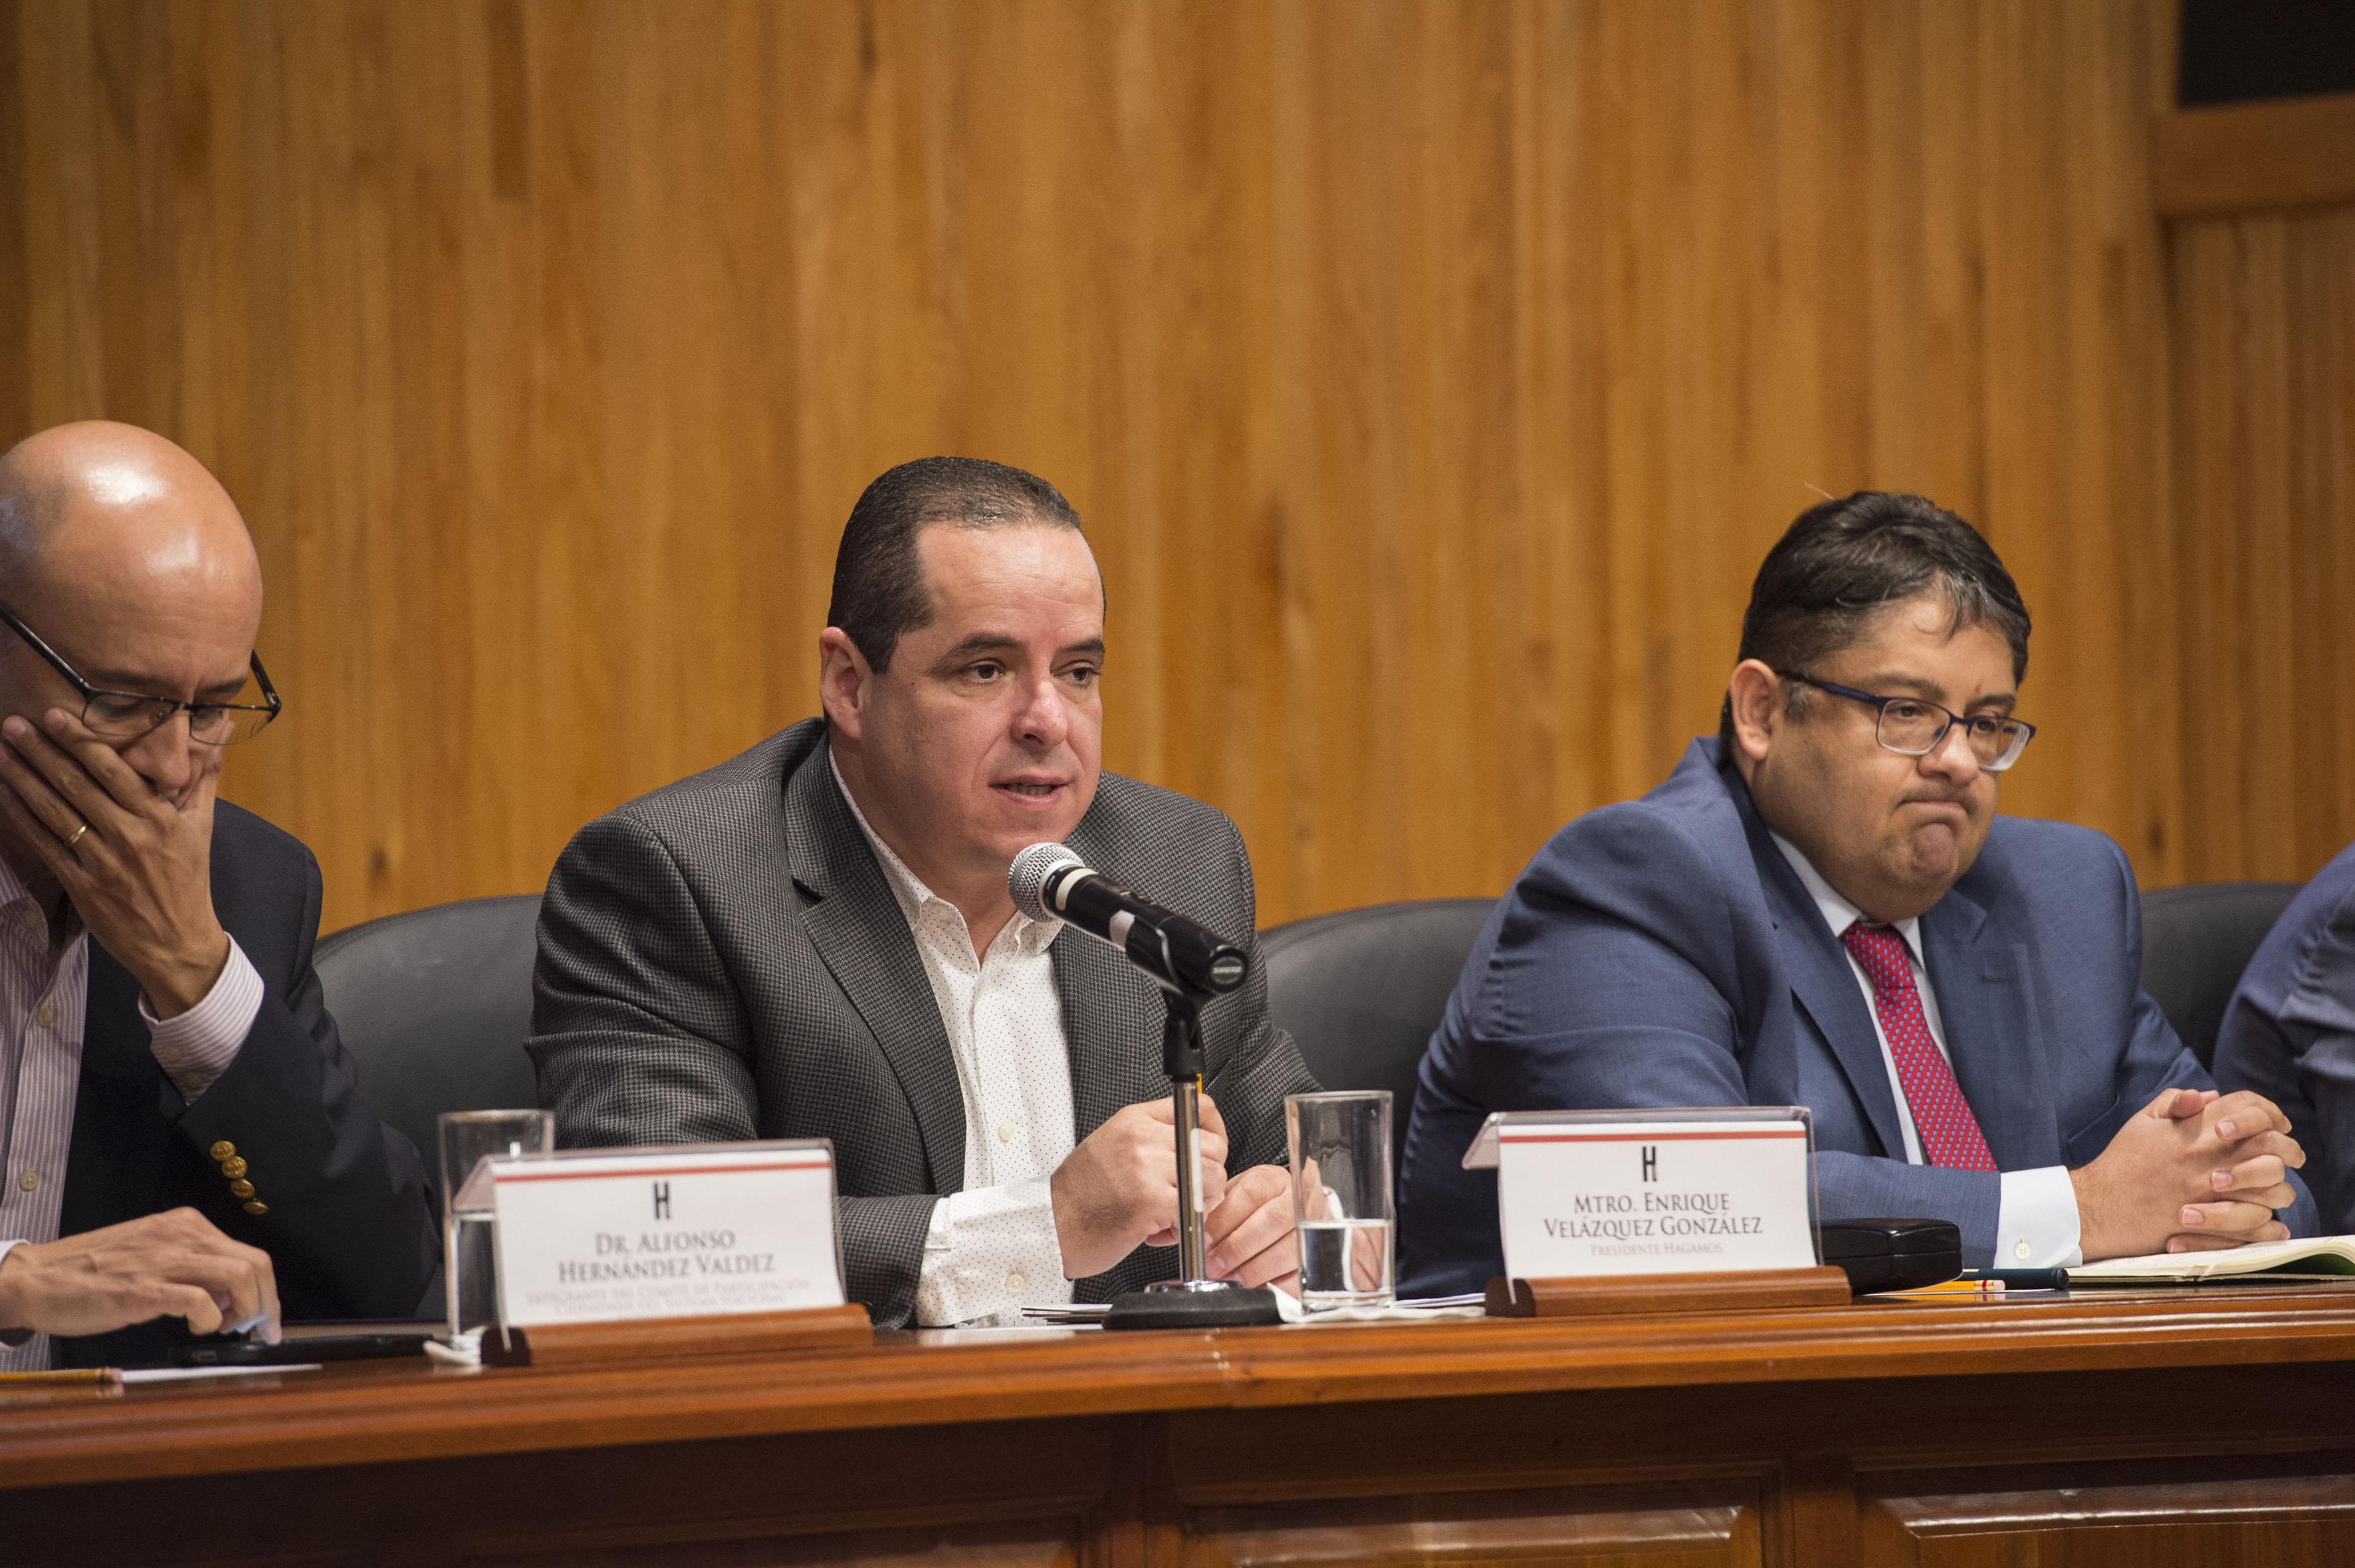 Mtro. Enrique Velázquez González, secretario del Sindicato de Trabajadores Académicos (STAUDeG), haciendo uso de la palabra